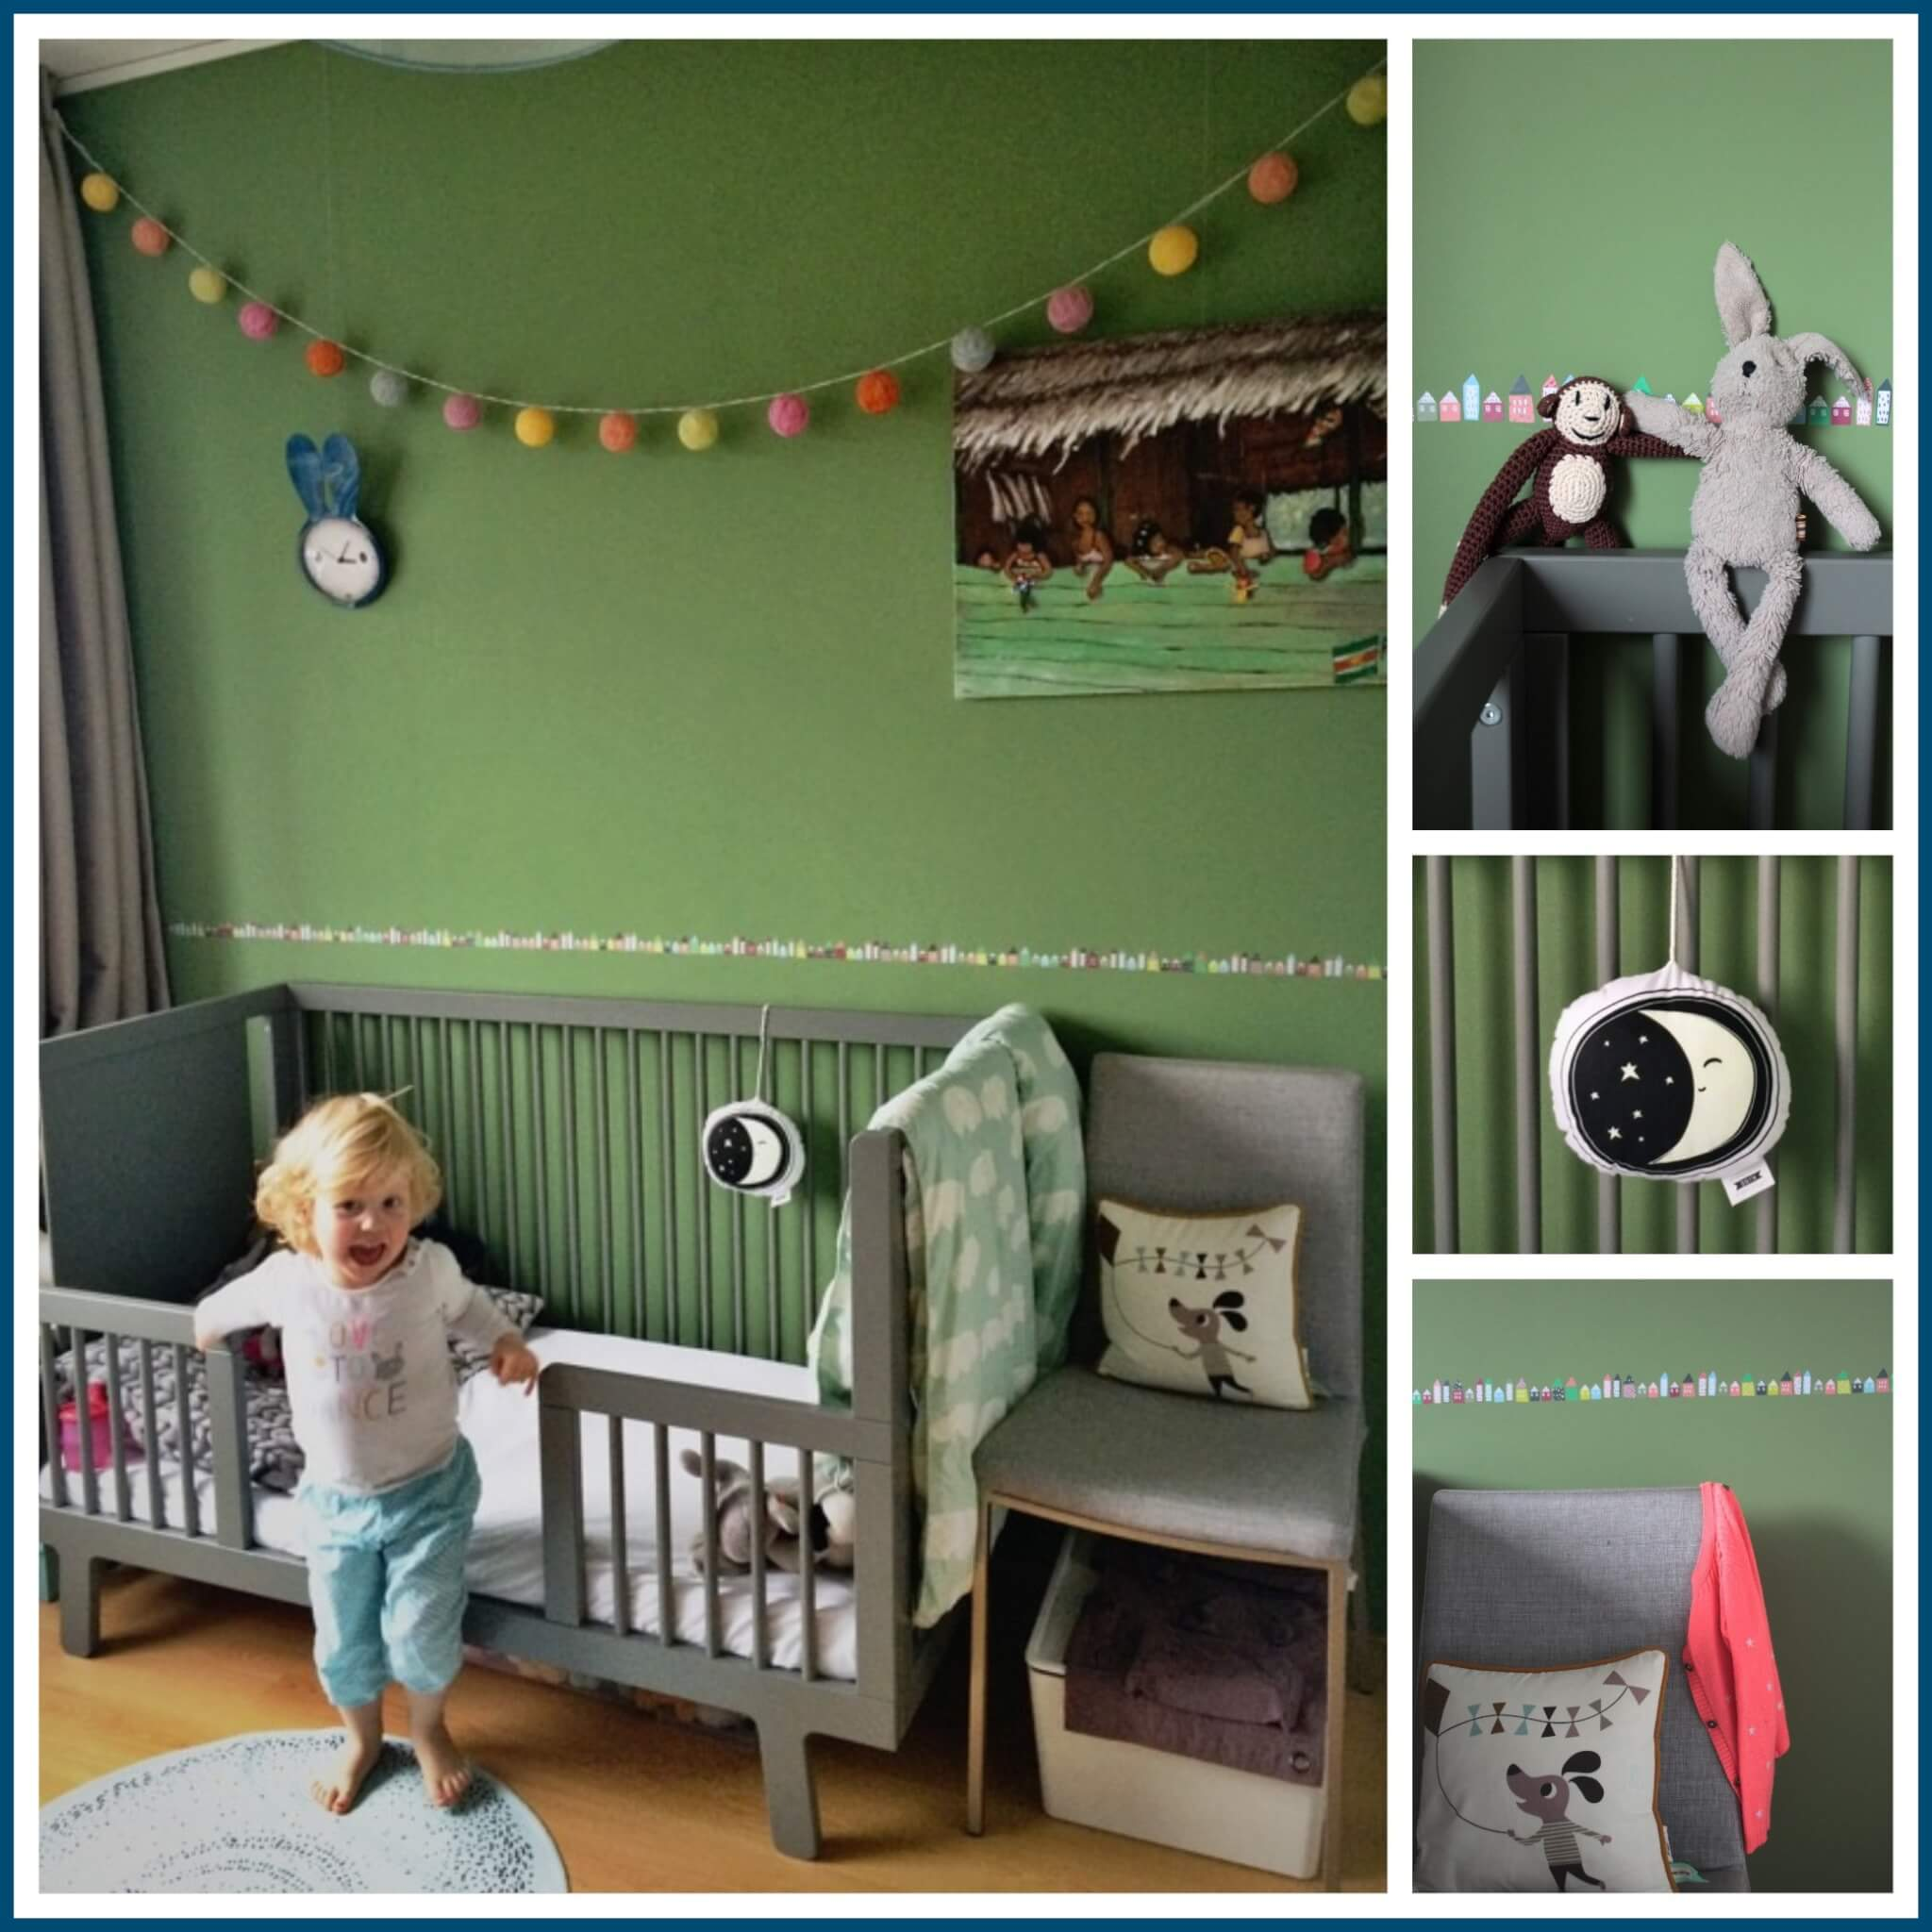 Binnenkijker de kinderkamer van jules in mint blauw turkoois geel grijs en een beetje neon - Kinderkamer grijs en roze ...